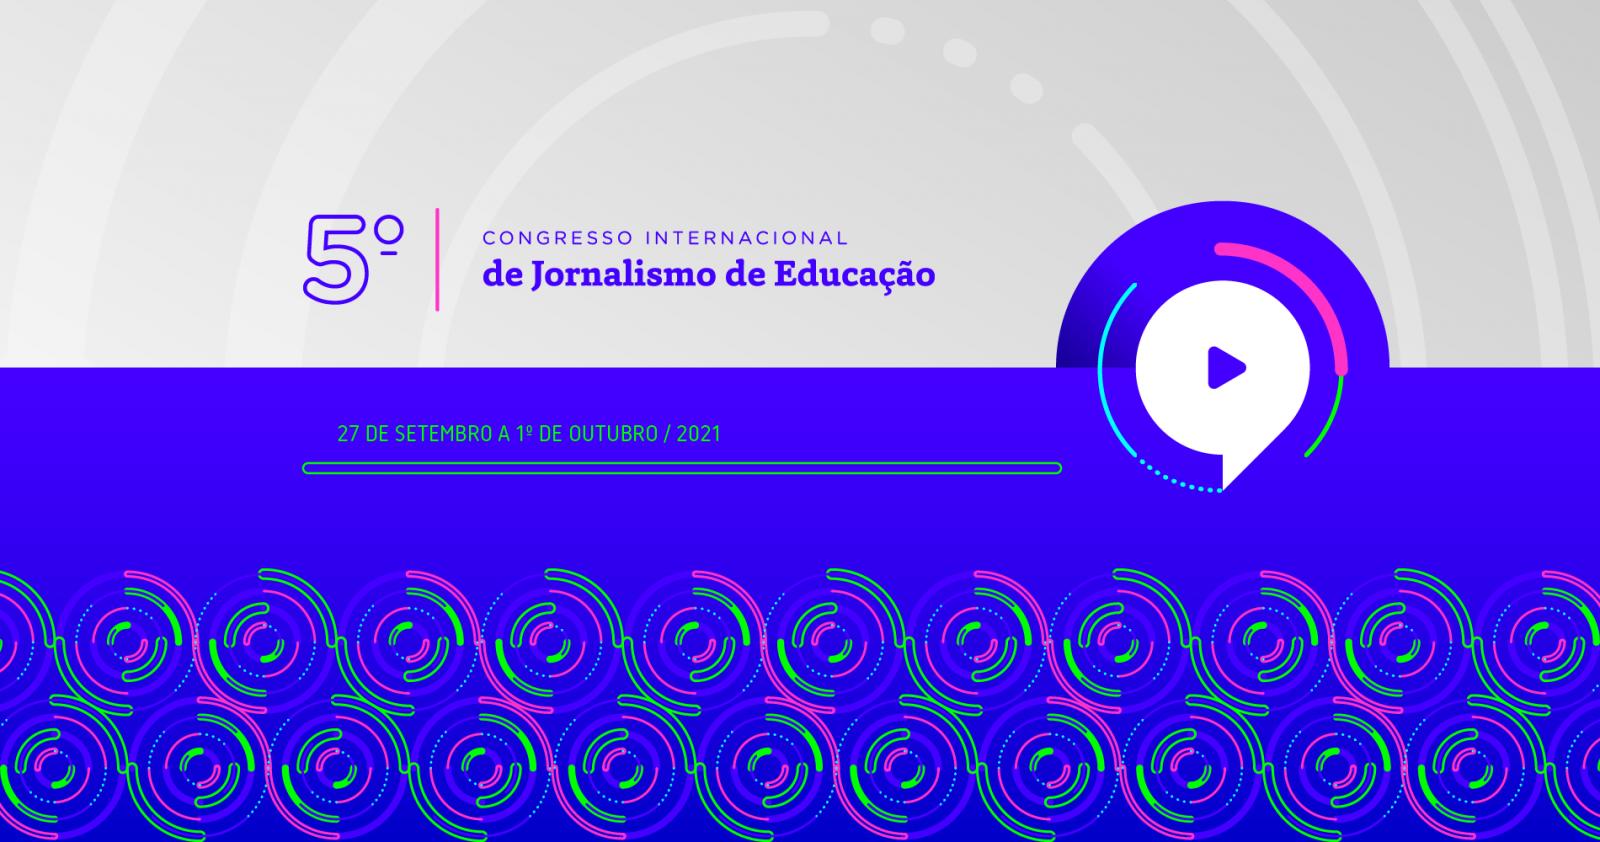 5º Congresso Internacional de Jornalismo de Educação